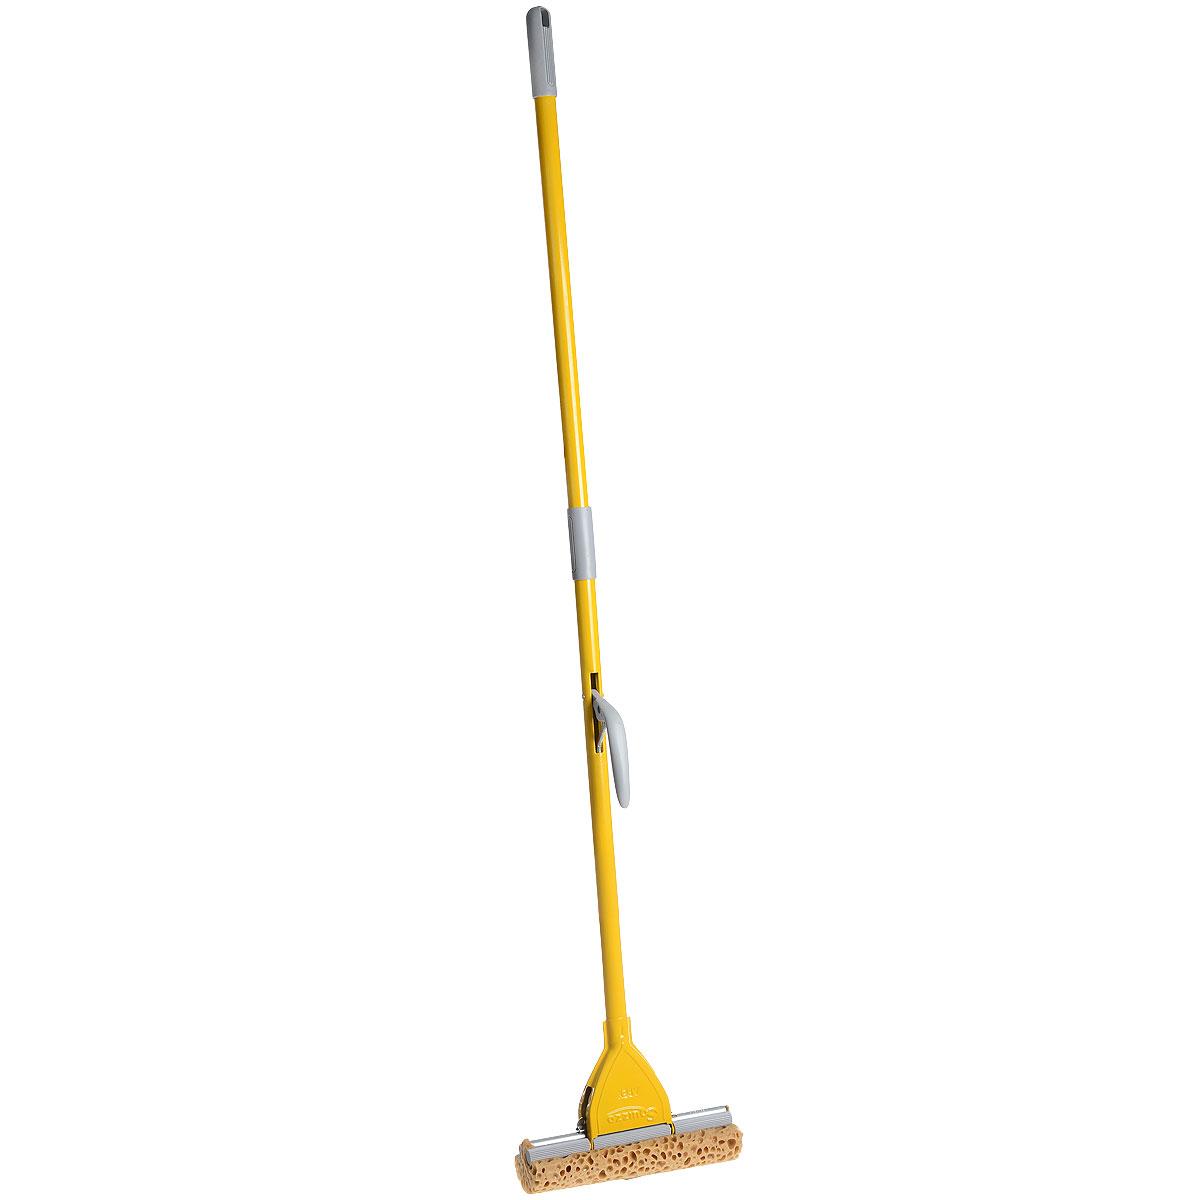 Швабра Apex Minor, с отжимом, цвет: желтый, серый, 28 см швабра apex minor с отжимом цвет желтый серый 25 см